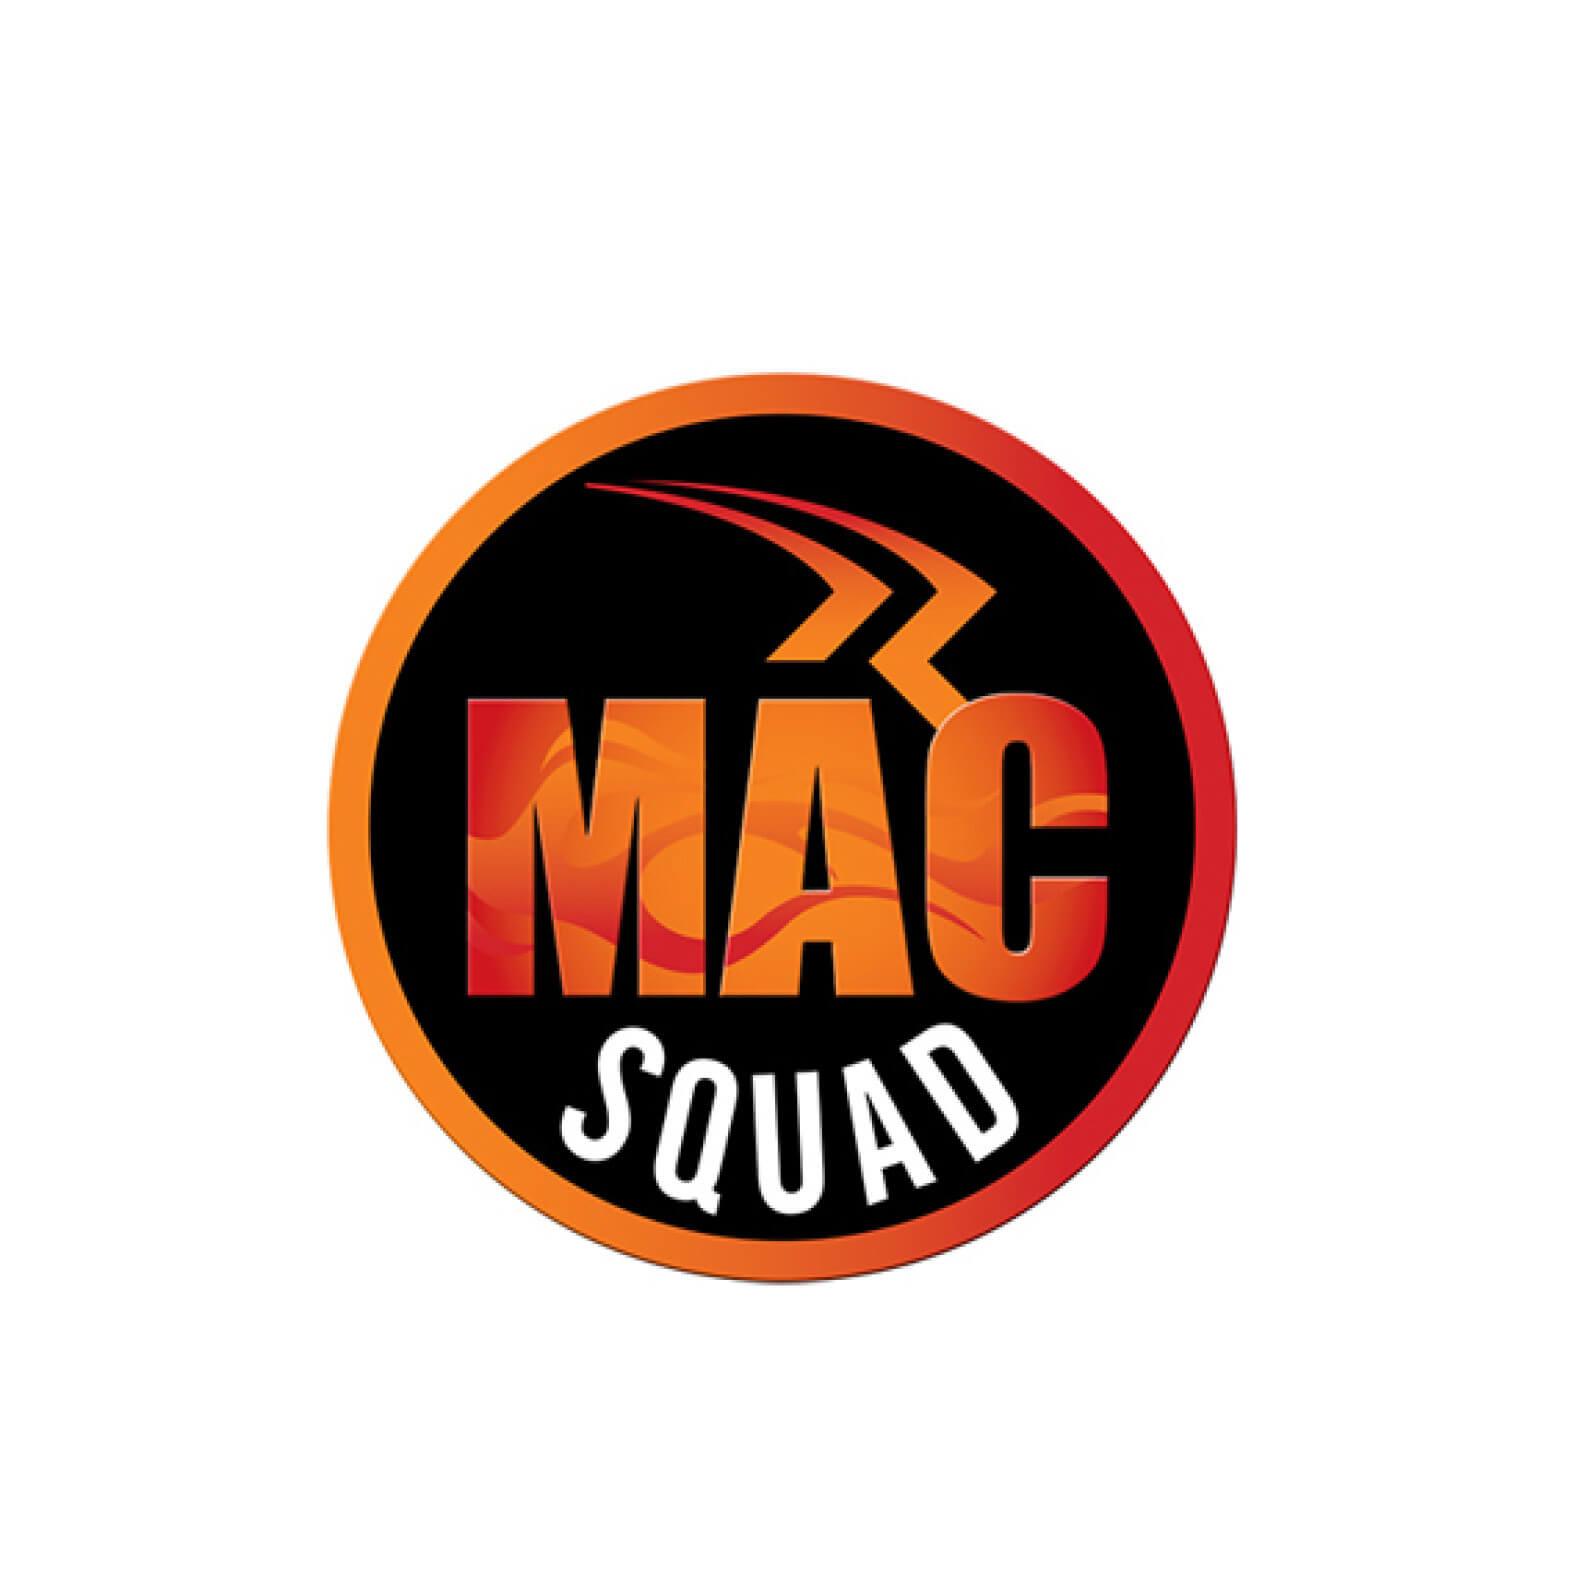 mac squad logo design